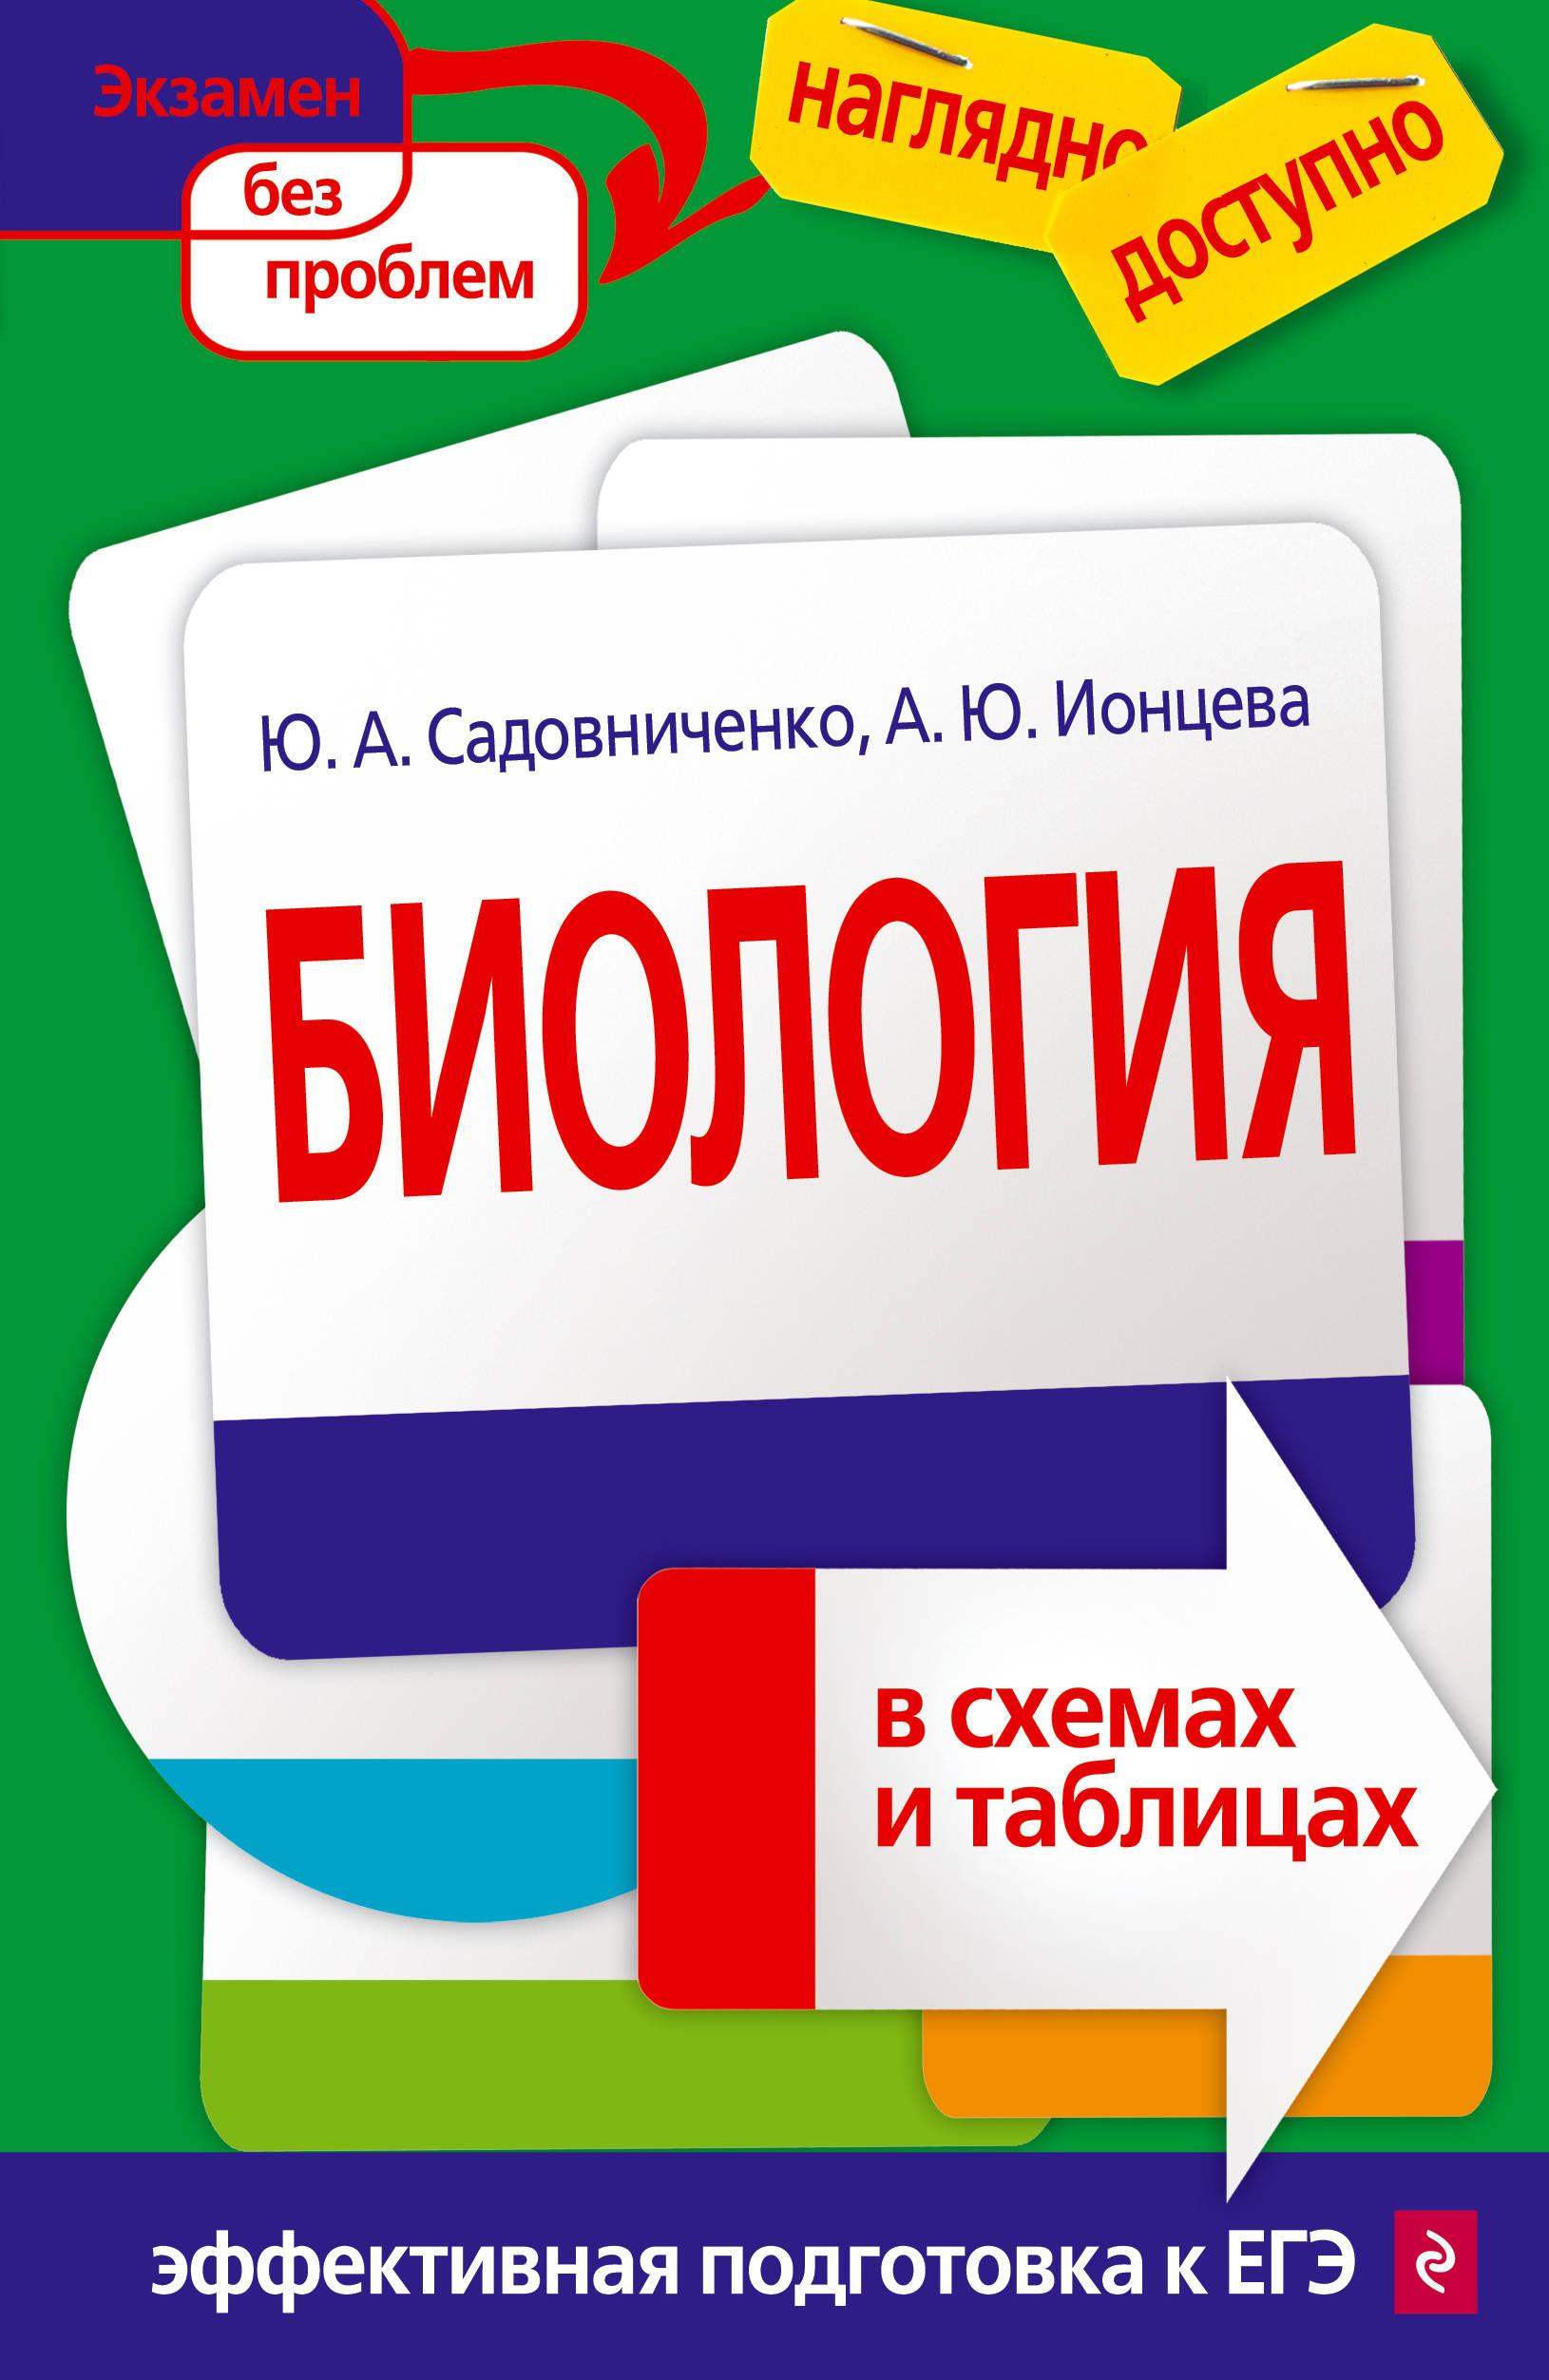 Ю.А. Садовниченко, А.Ю. Ионцева Биология в схемах и таблицах